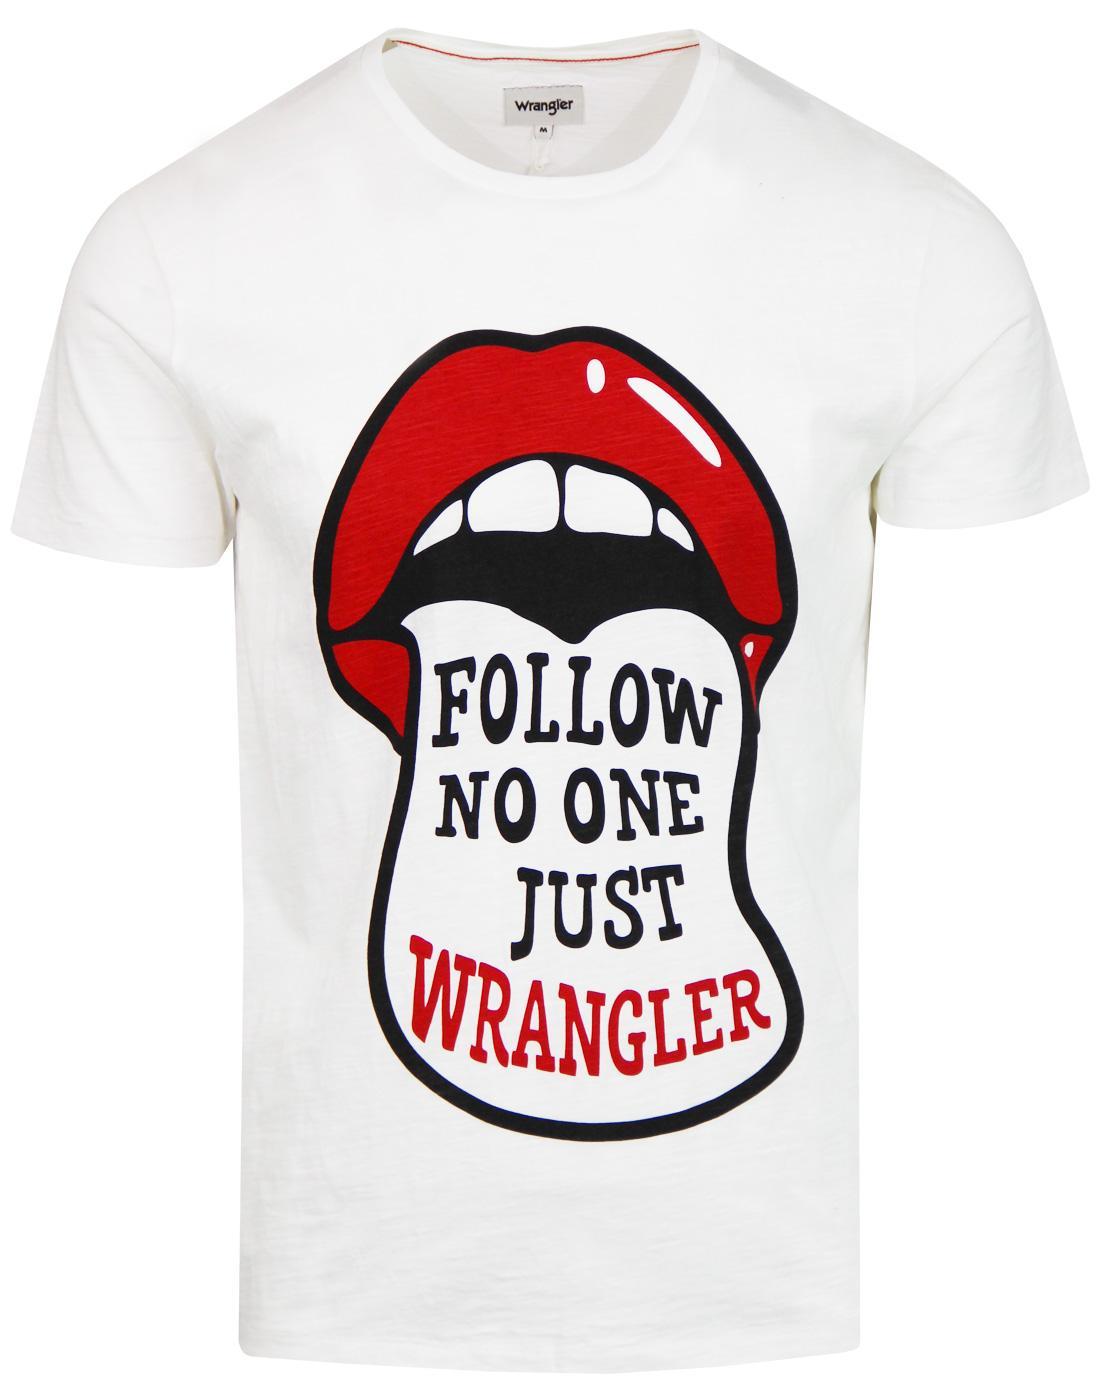 Follow No One Just WRANGLER Retro Festival T-shirt